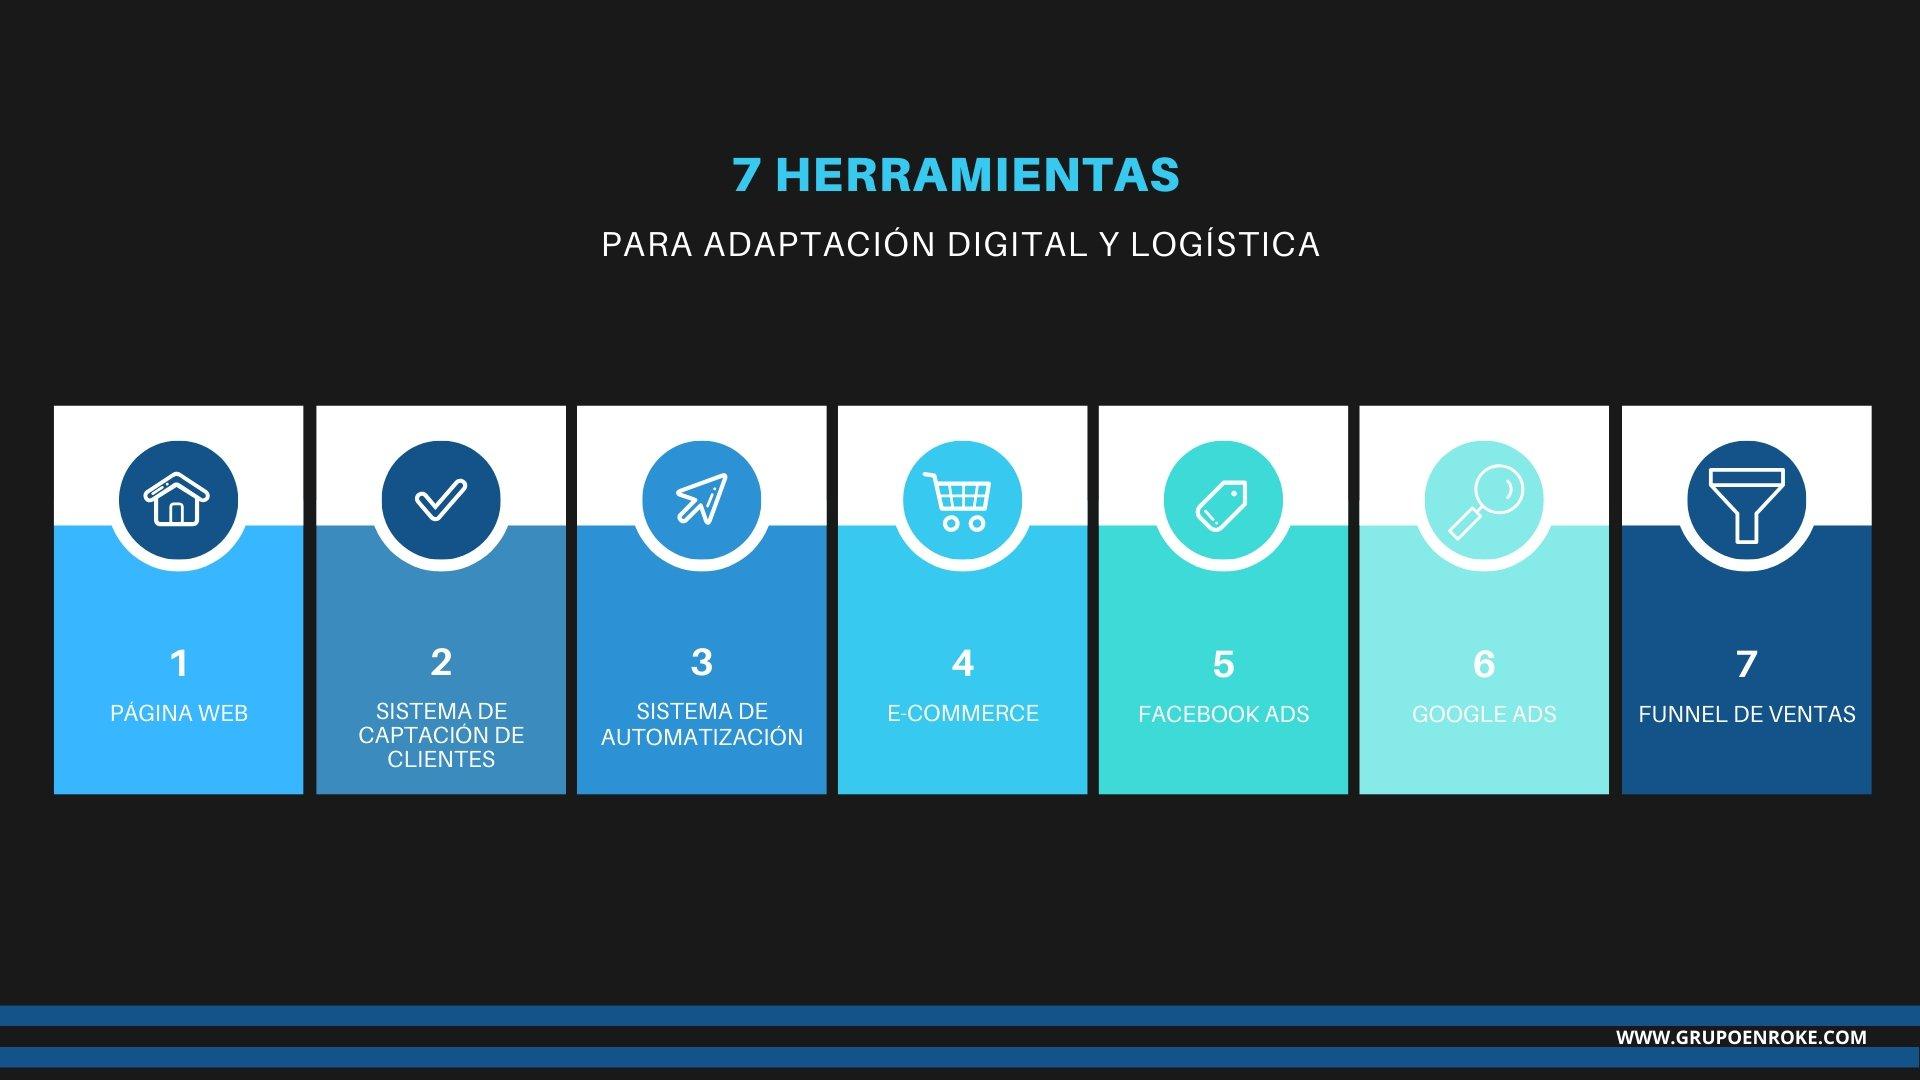 7 HERRAMIENTAS 2020